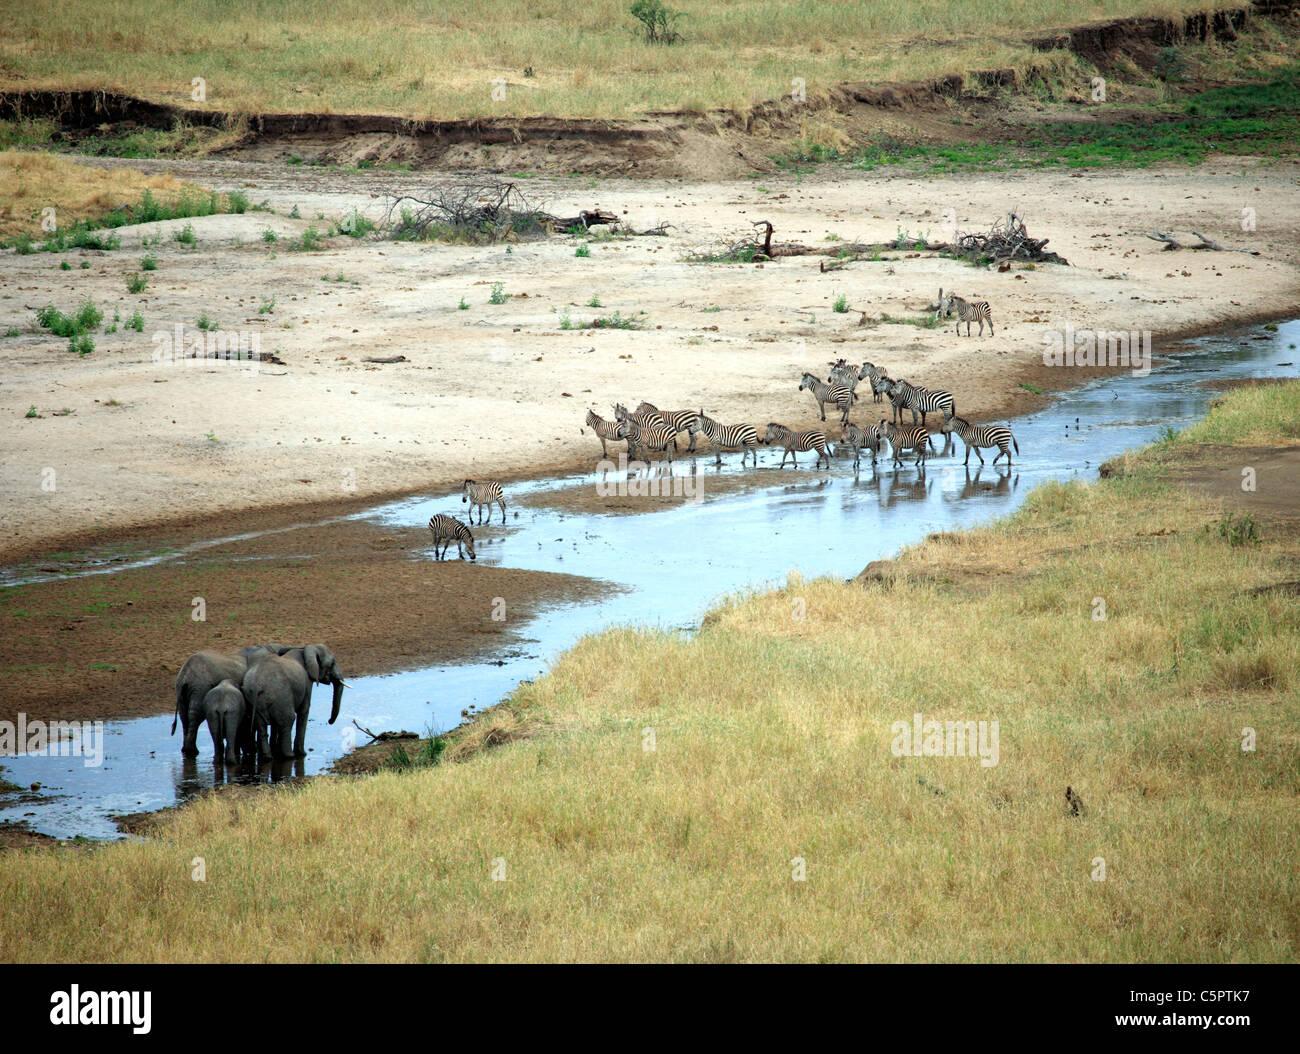 Tarangire National Park, Tanzania - Stock Image